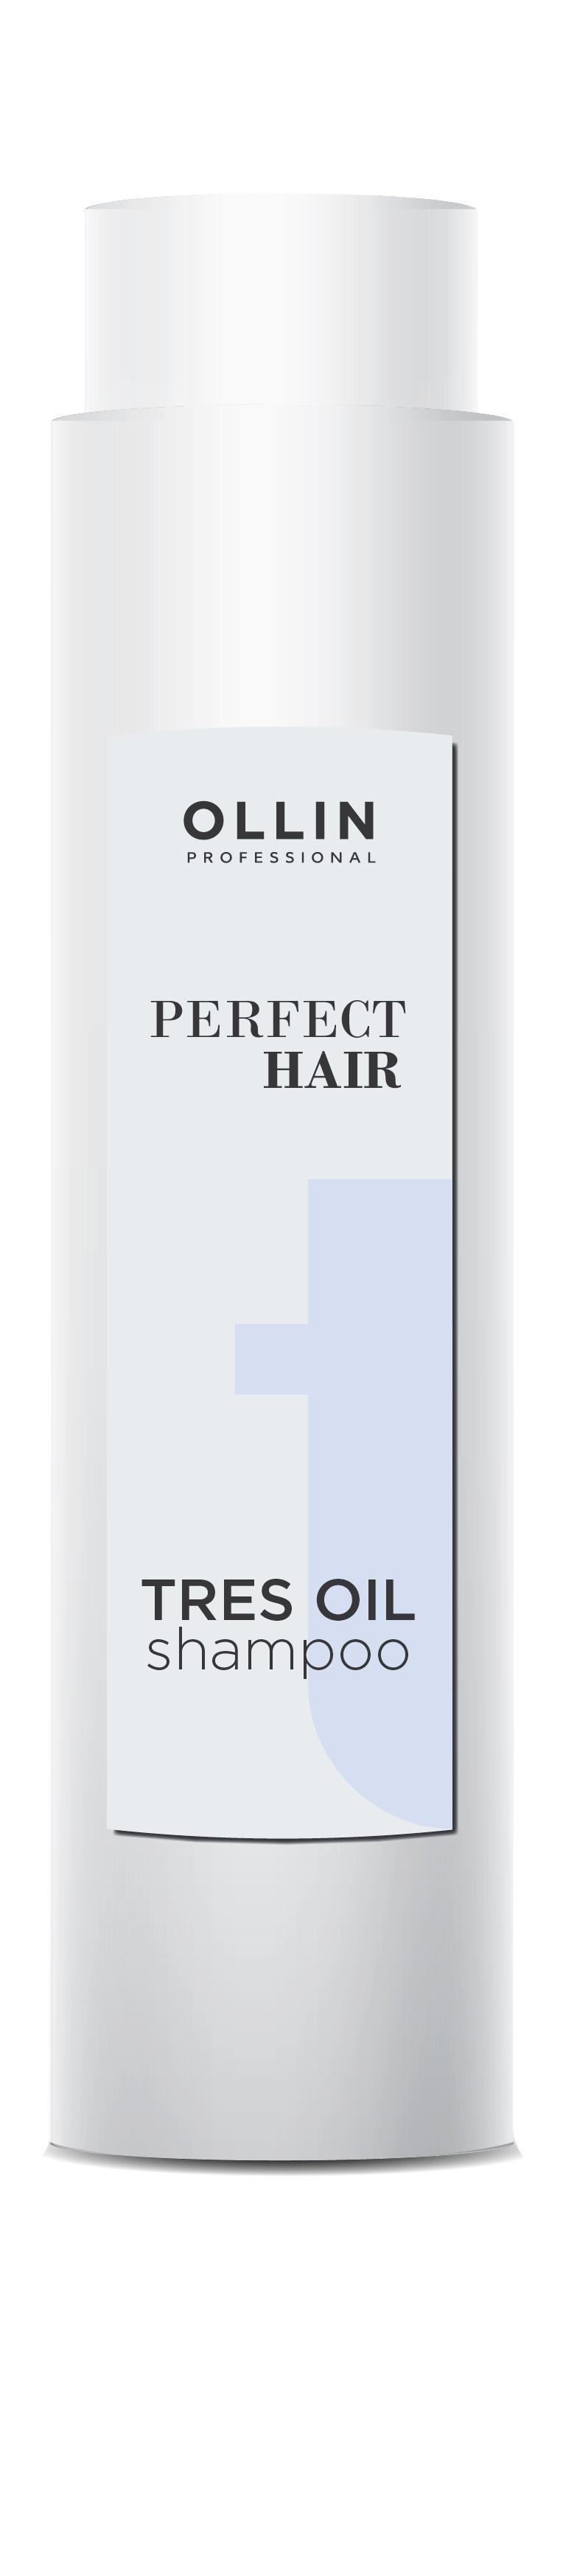 Шампунь для волос OLLIN PROFESSIONAL PERFECT HAIR для восстановления tres oil 400 мл набор для волос perfect hair tres oil 400 400 50 мл